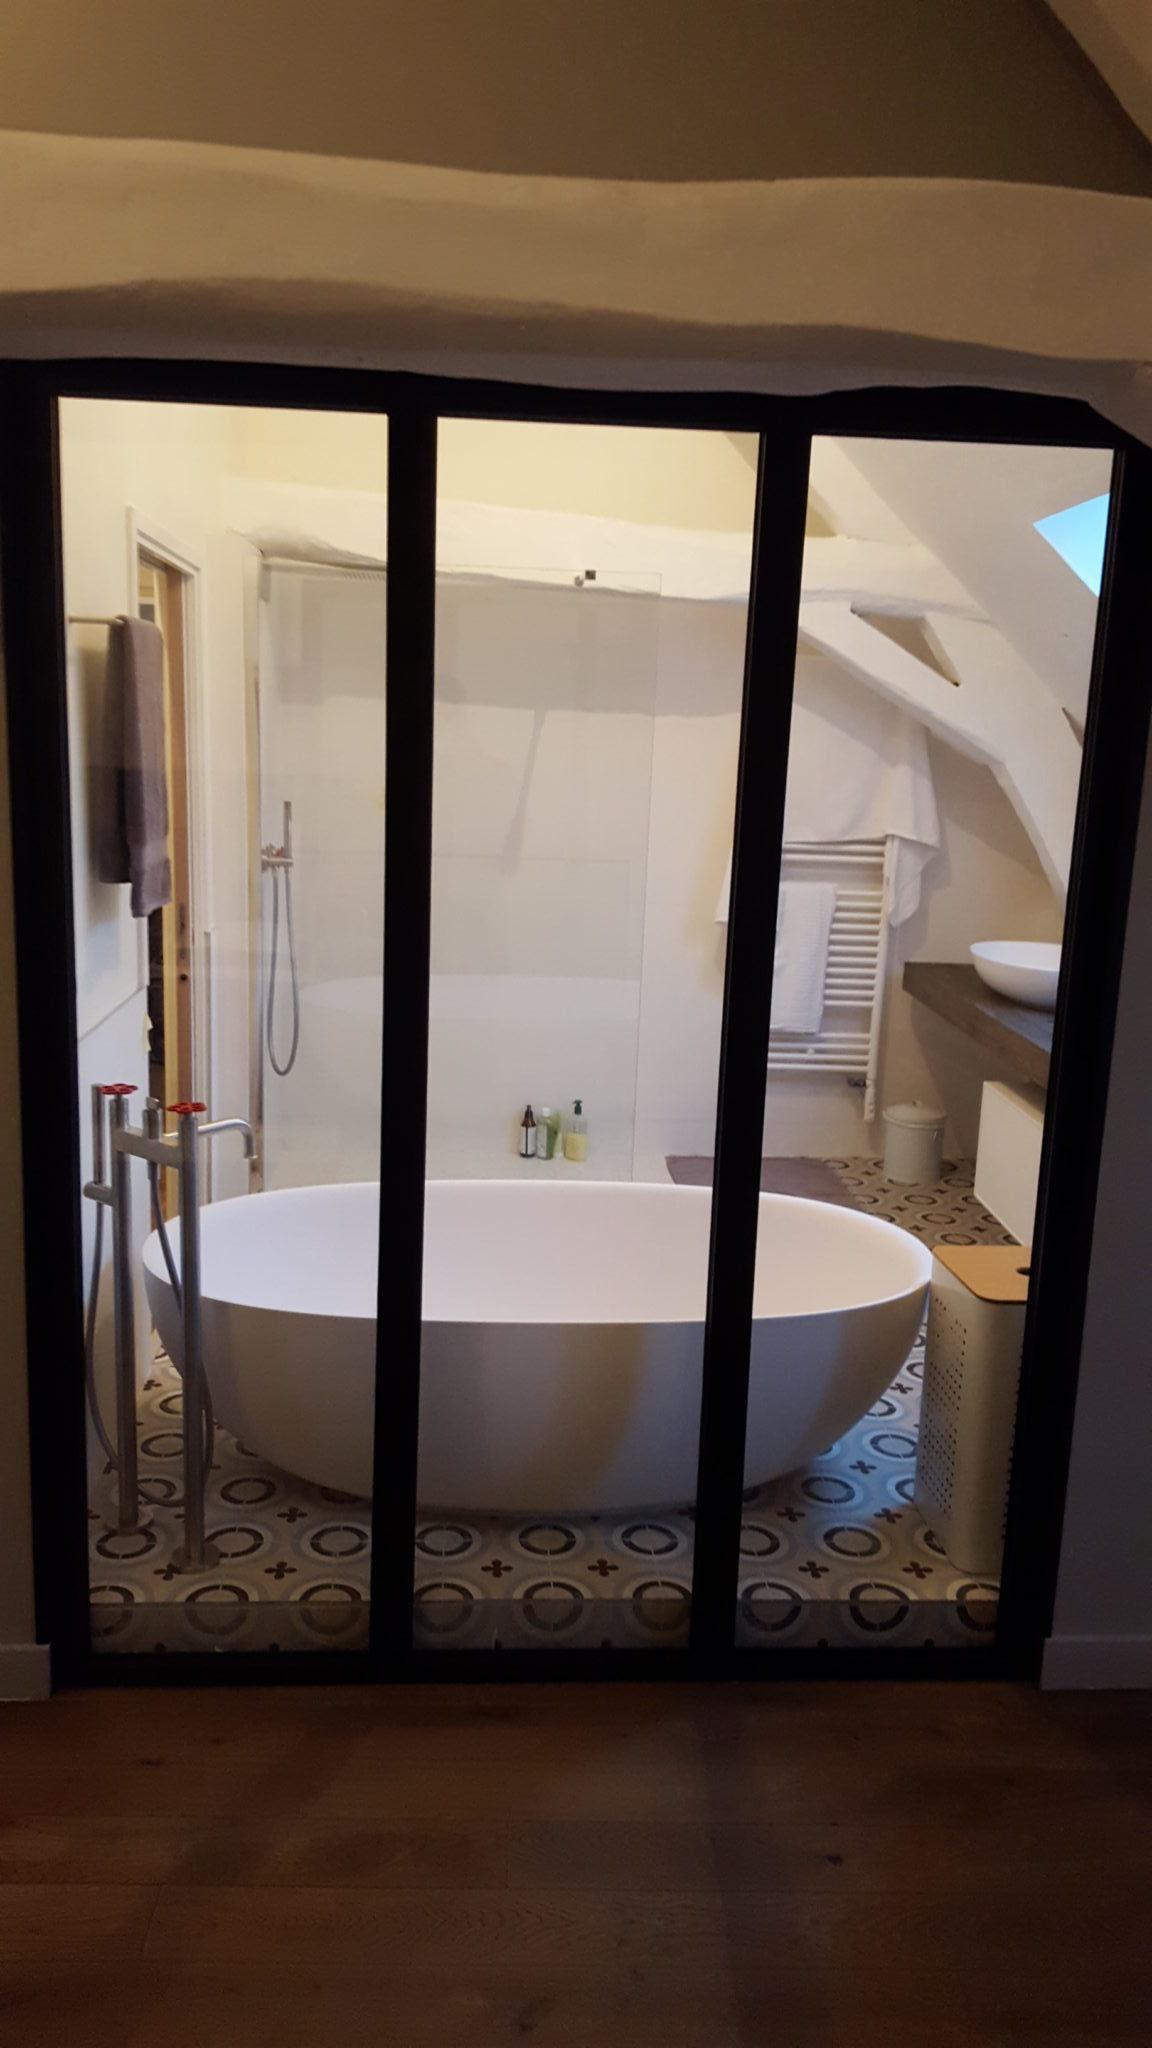 Prise de vue de la salle de bain rénovée d'une maison ancienne